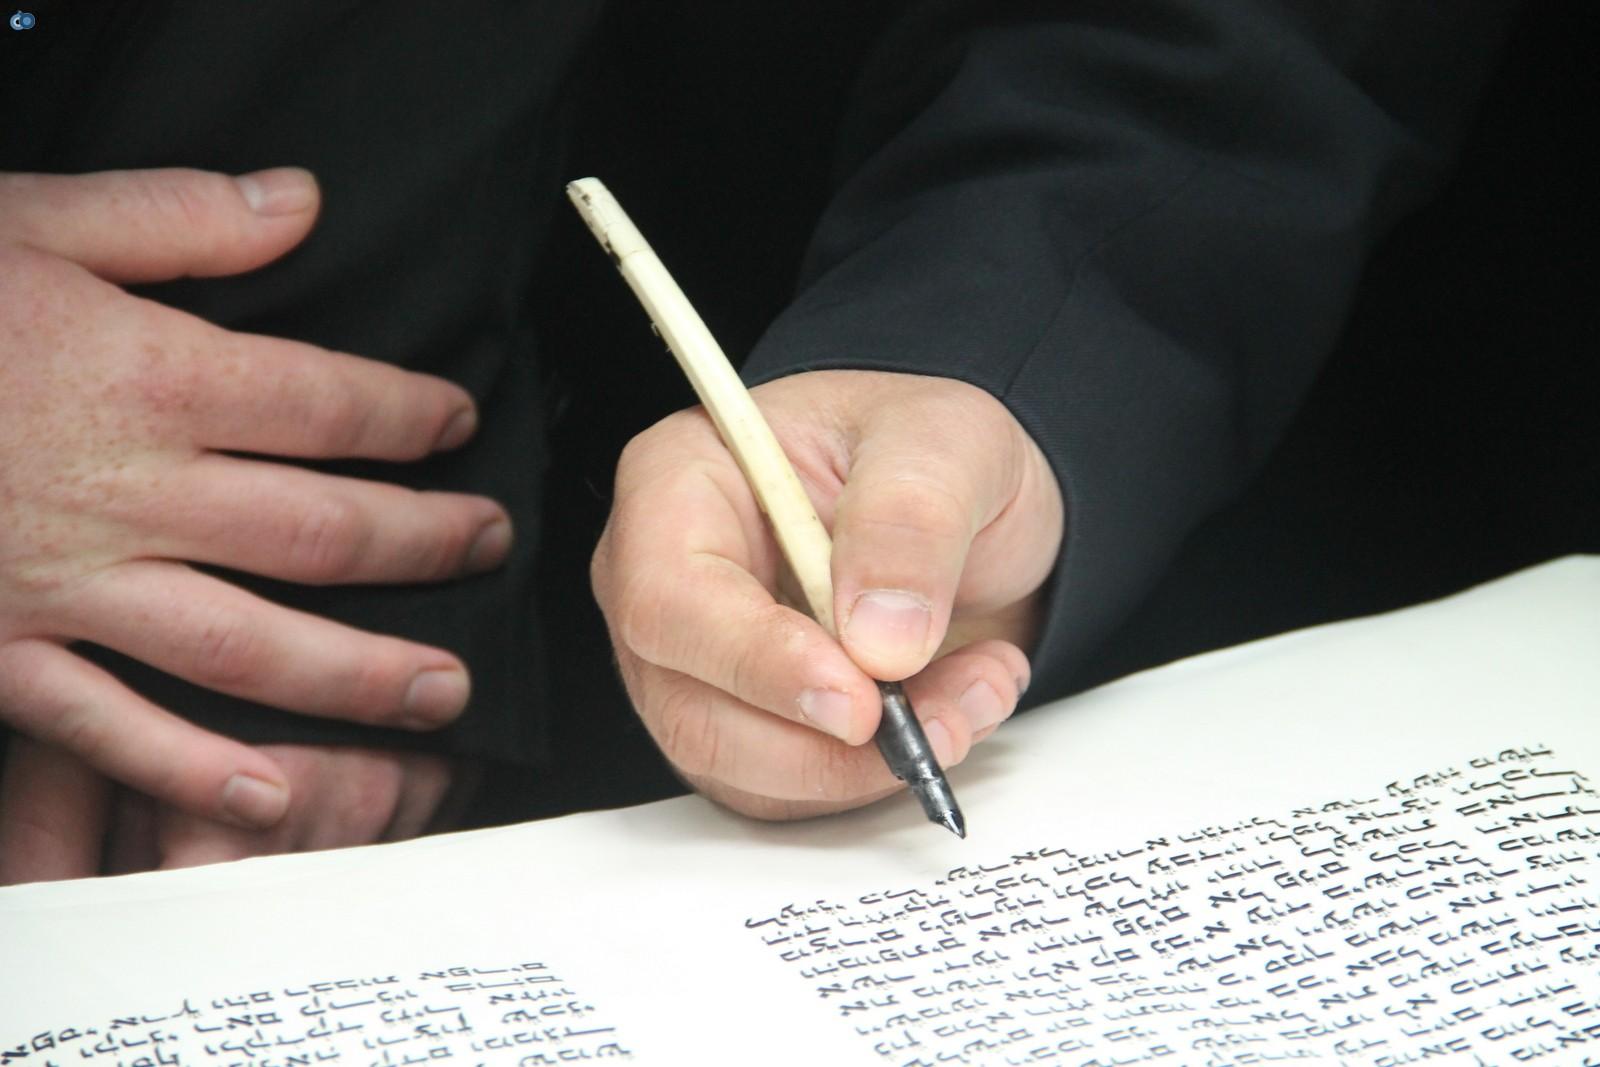 אלישמע סנדמן - דוברות אור הרשביהכנסת ספר תורה של מרן לרשבי  (30)